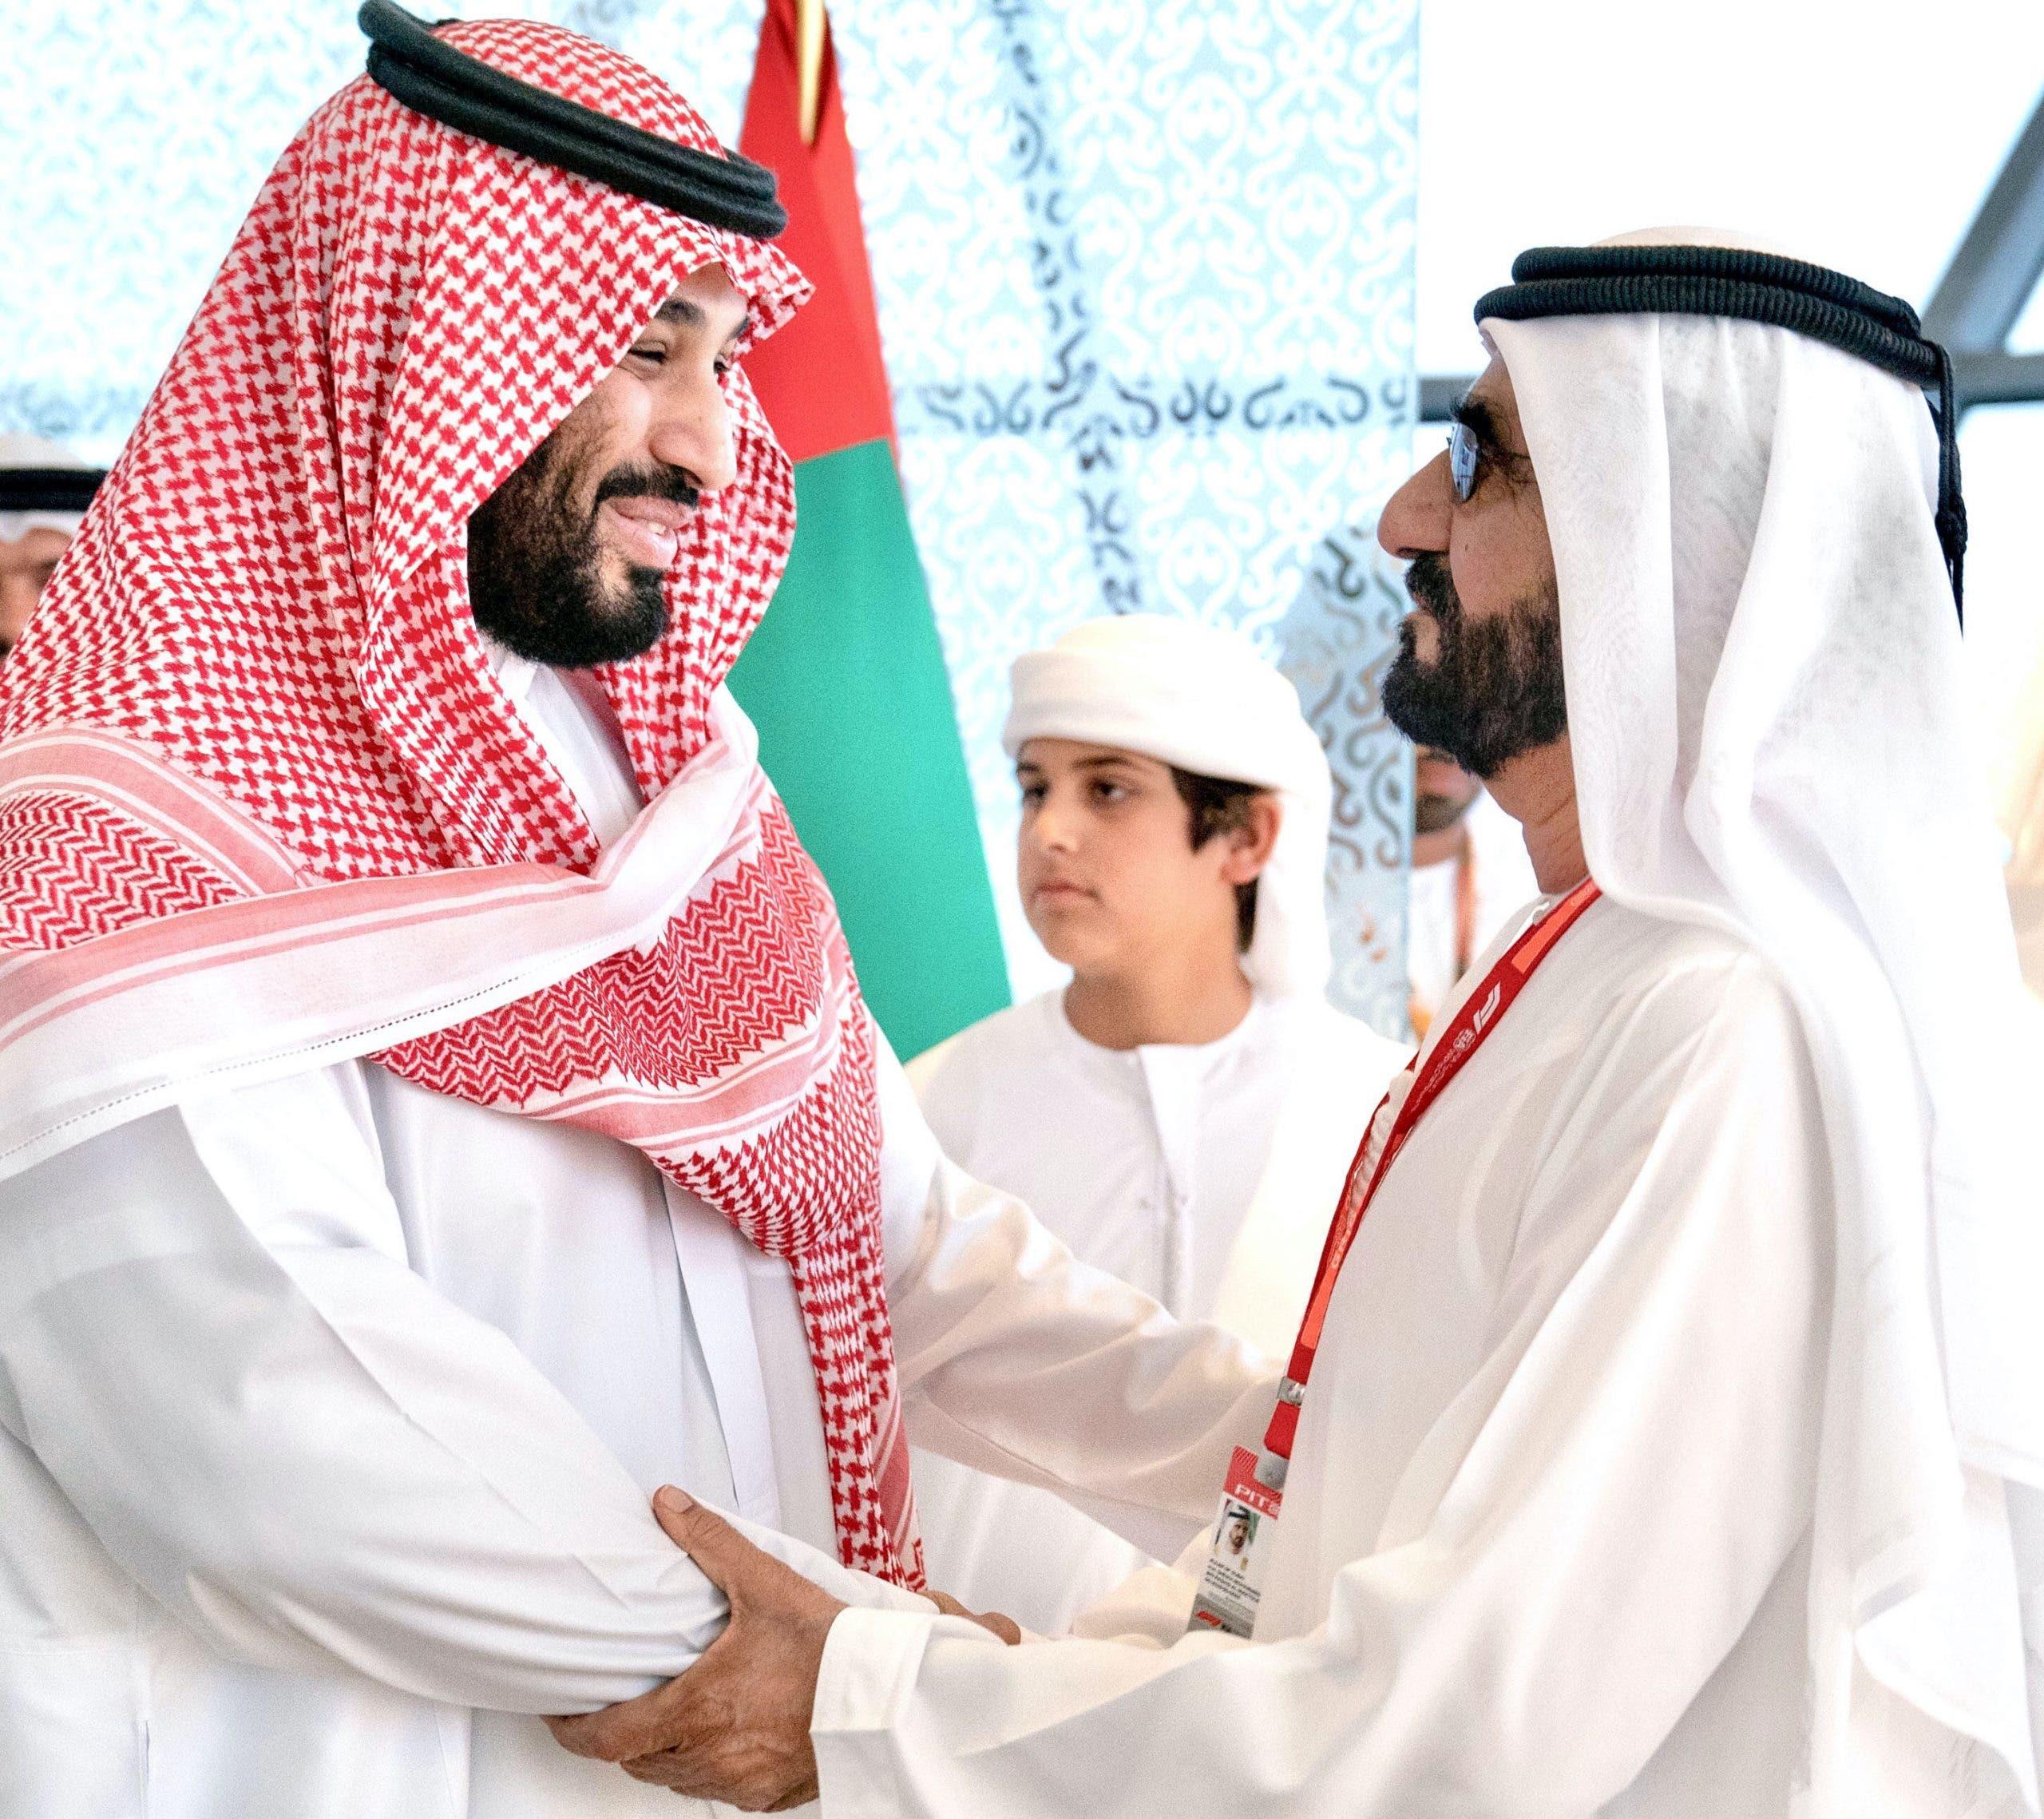 Amiirka Dubai 'oo doonaya' in gabadhiisa 11 jirka ah uu u guuriyo Bin Salmaan